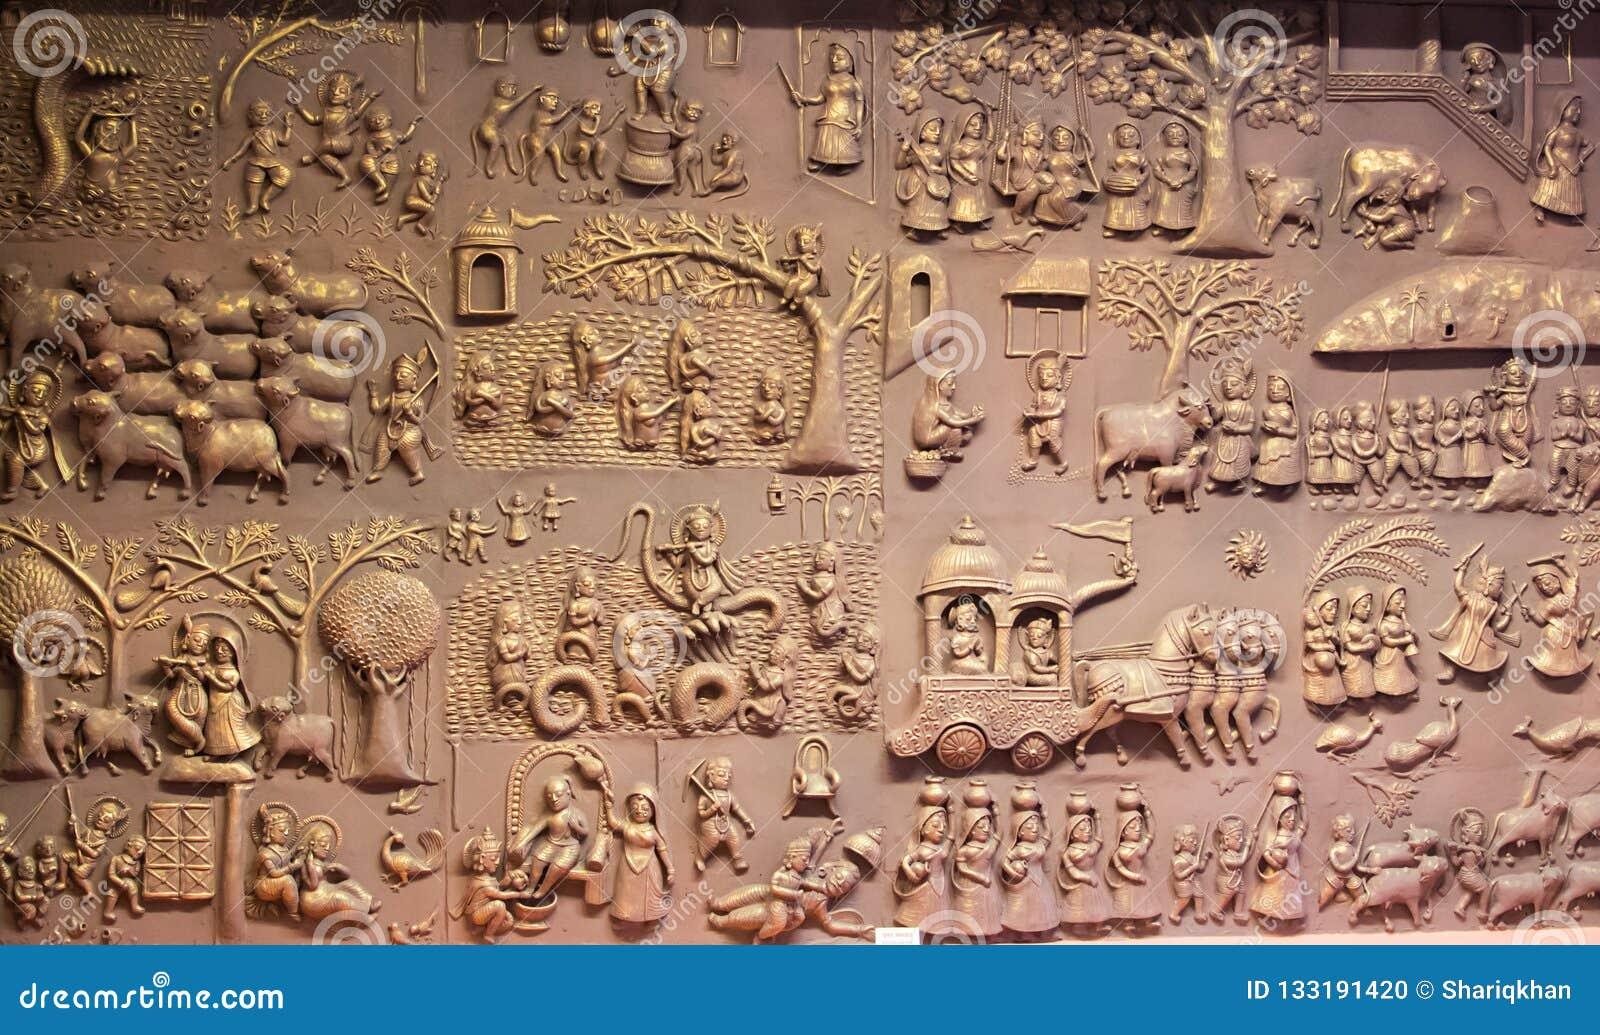 Металлическая пластинка Индия Krishna Leela